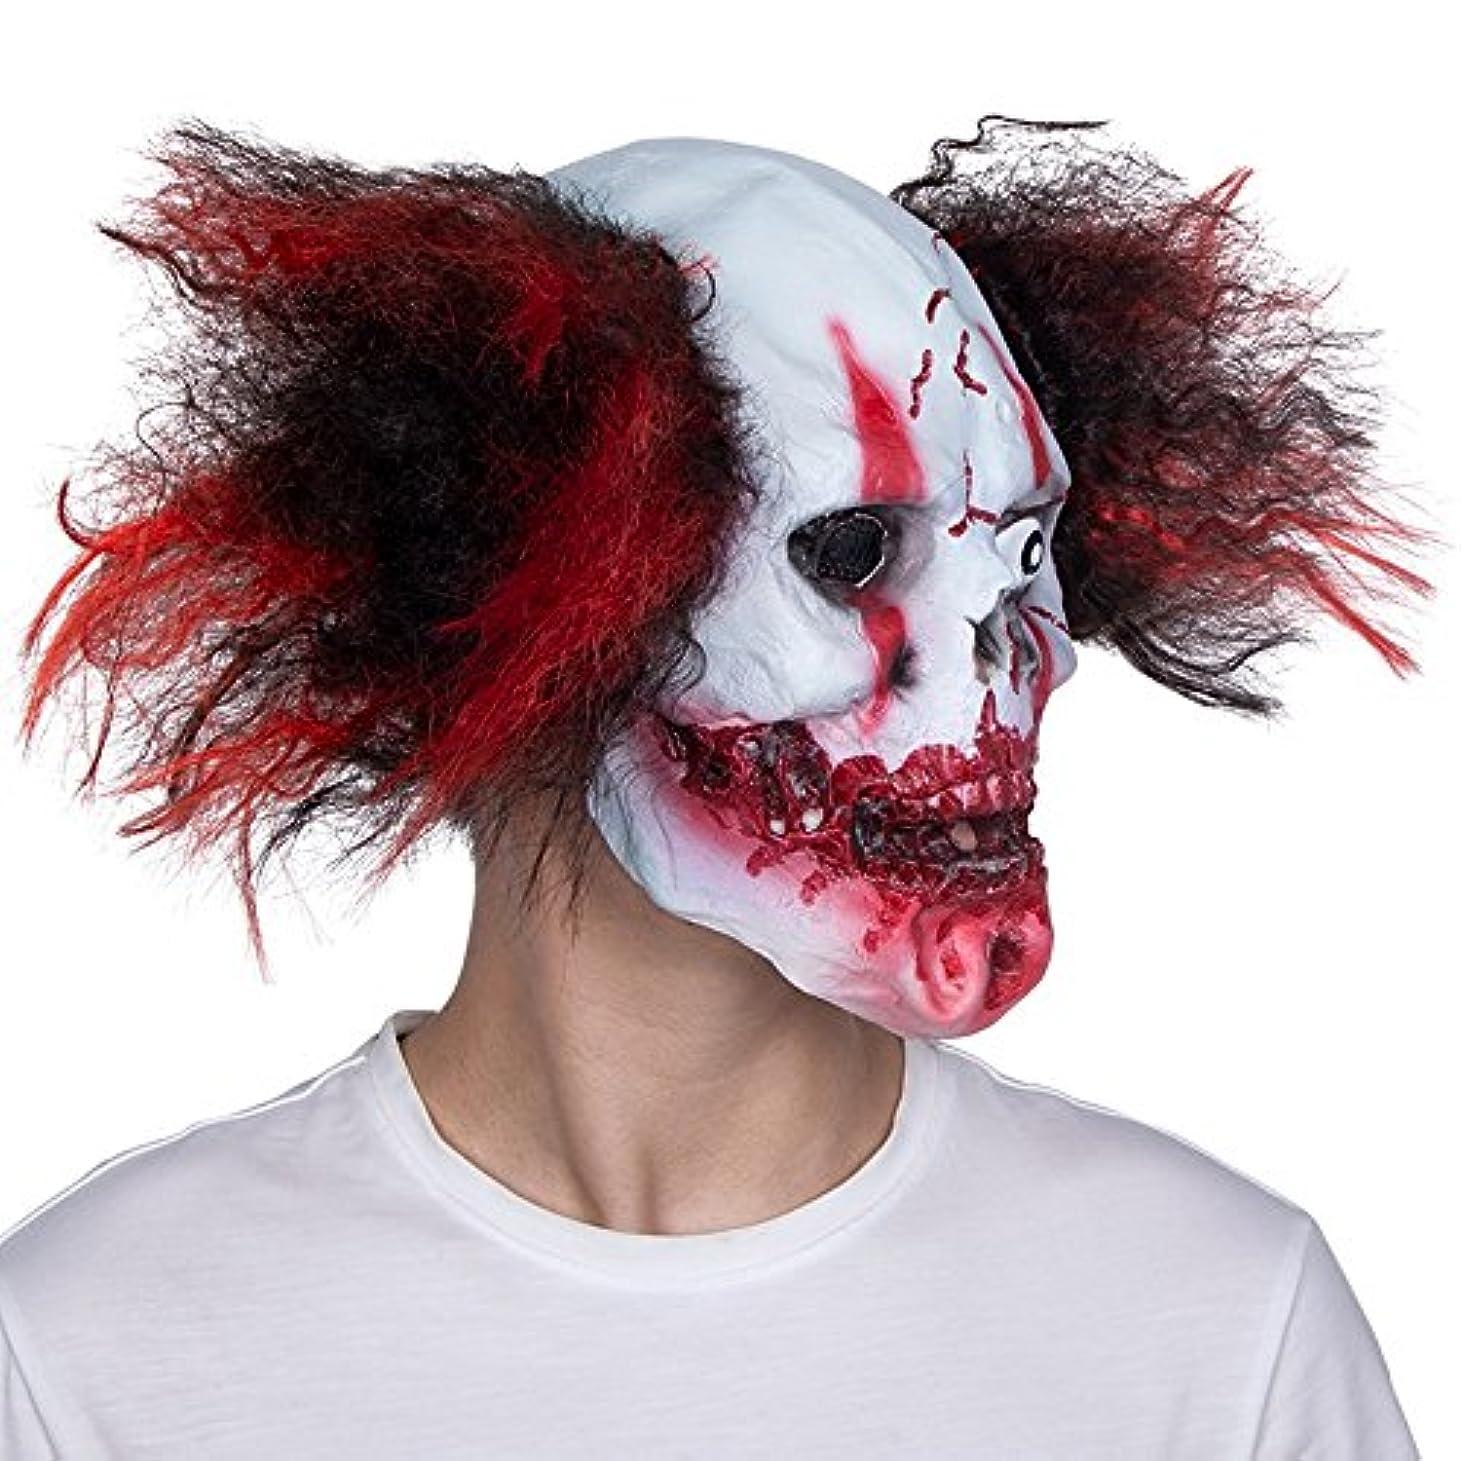 失う共同選択提供されたハロウィーンホワイトマスク大人男性フルフェイスホラー骷髅悪魔ラテックスフードなりすまし怖いマスクダンス